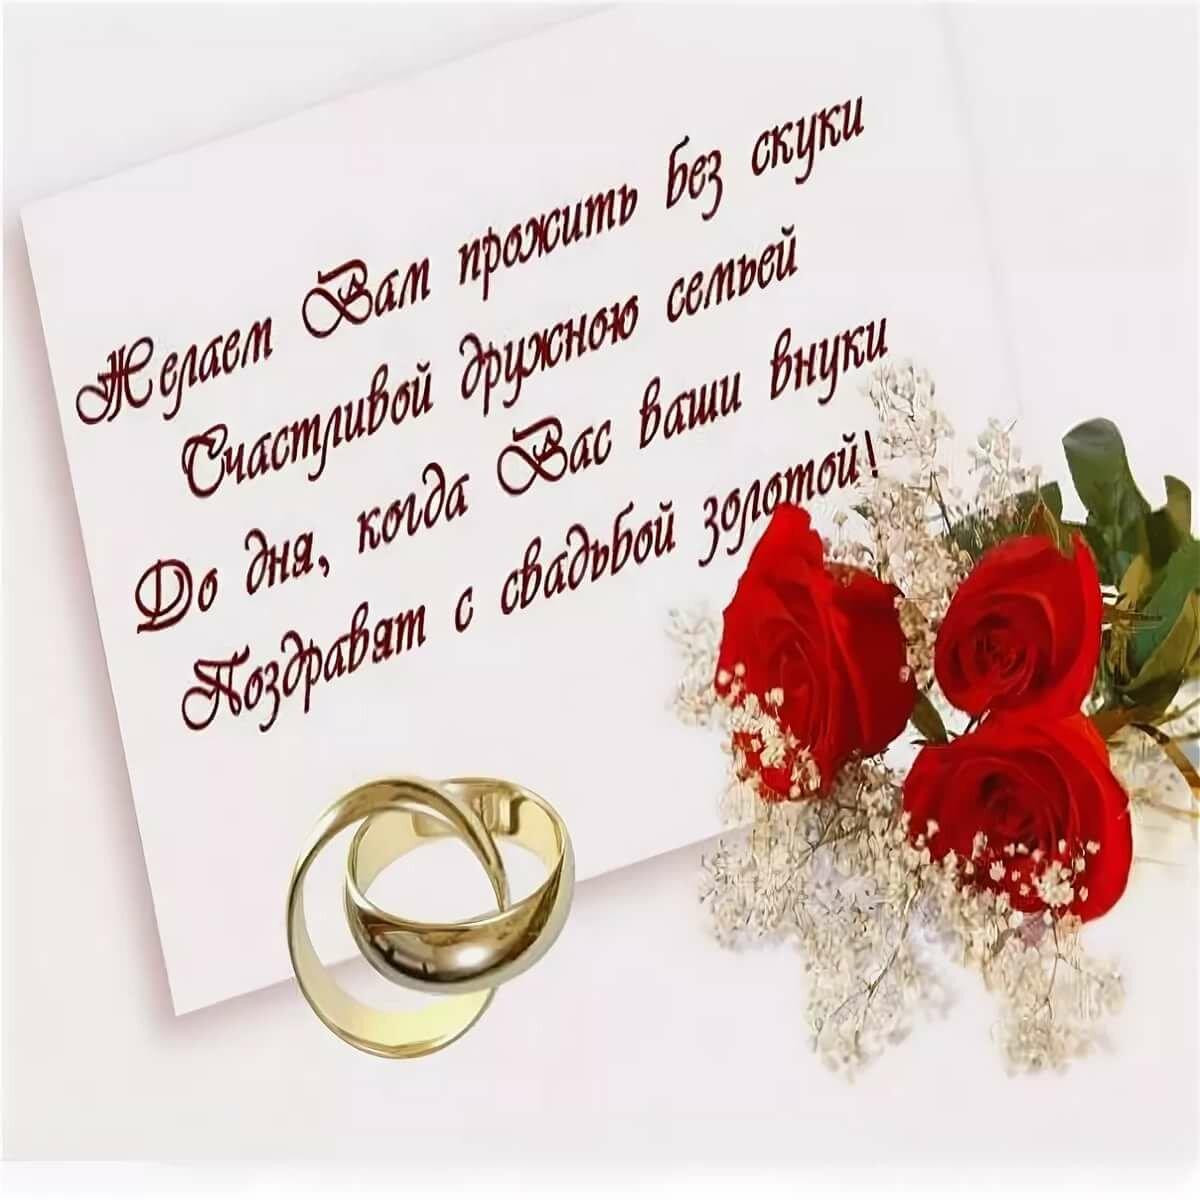 Самые красивые поздравления в день свадьбы в прозе